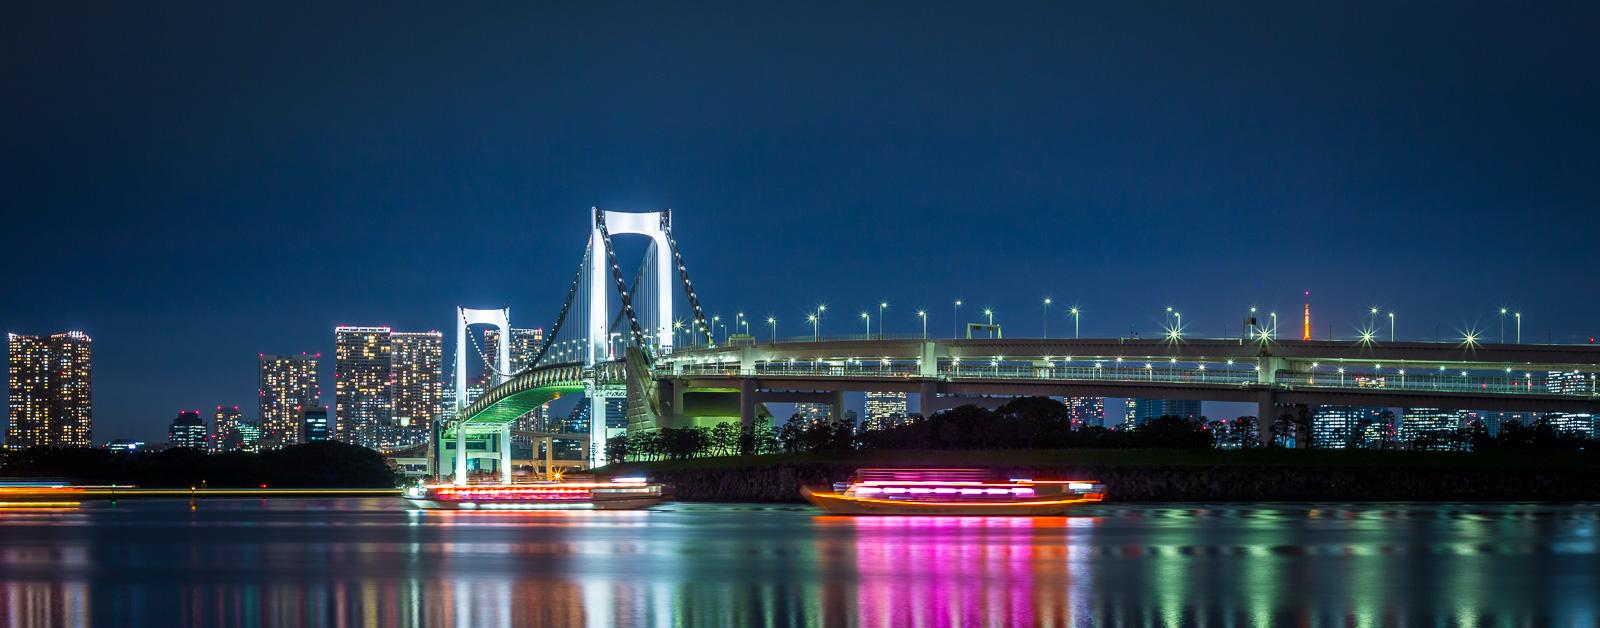 web 800p TOKYO LIGHT Dimitri Lamour-9575